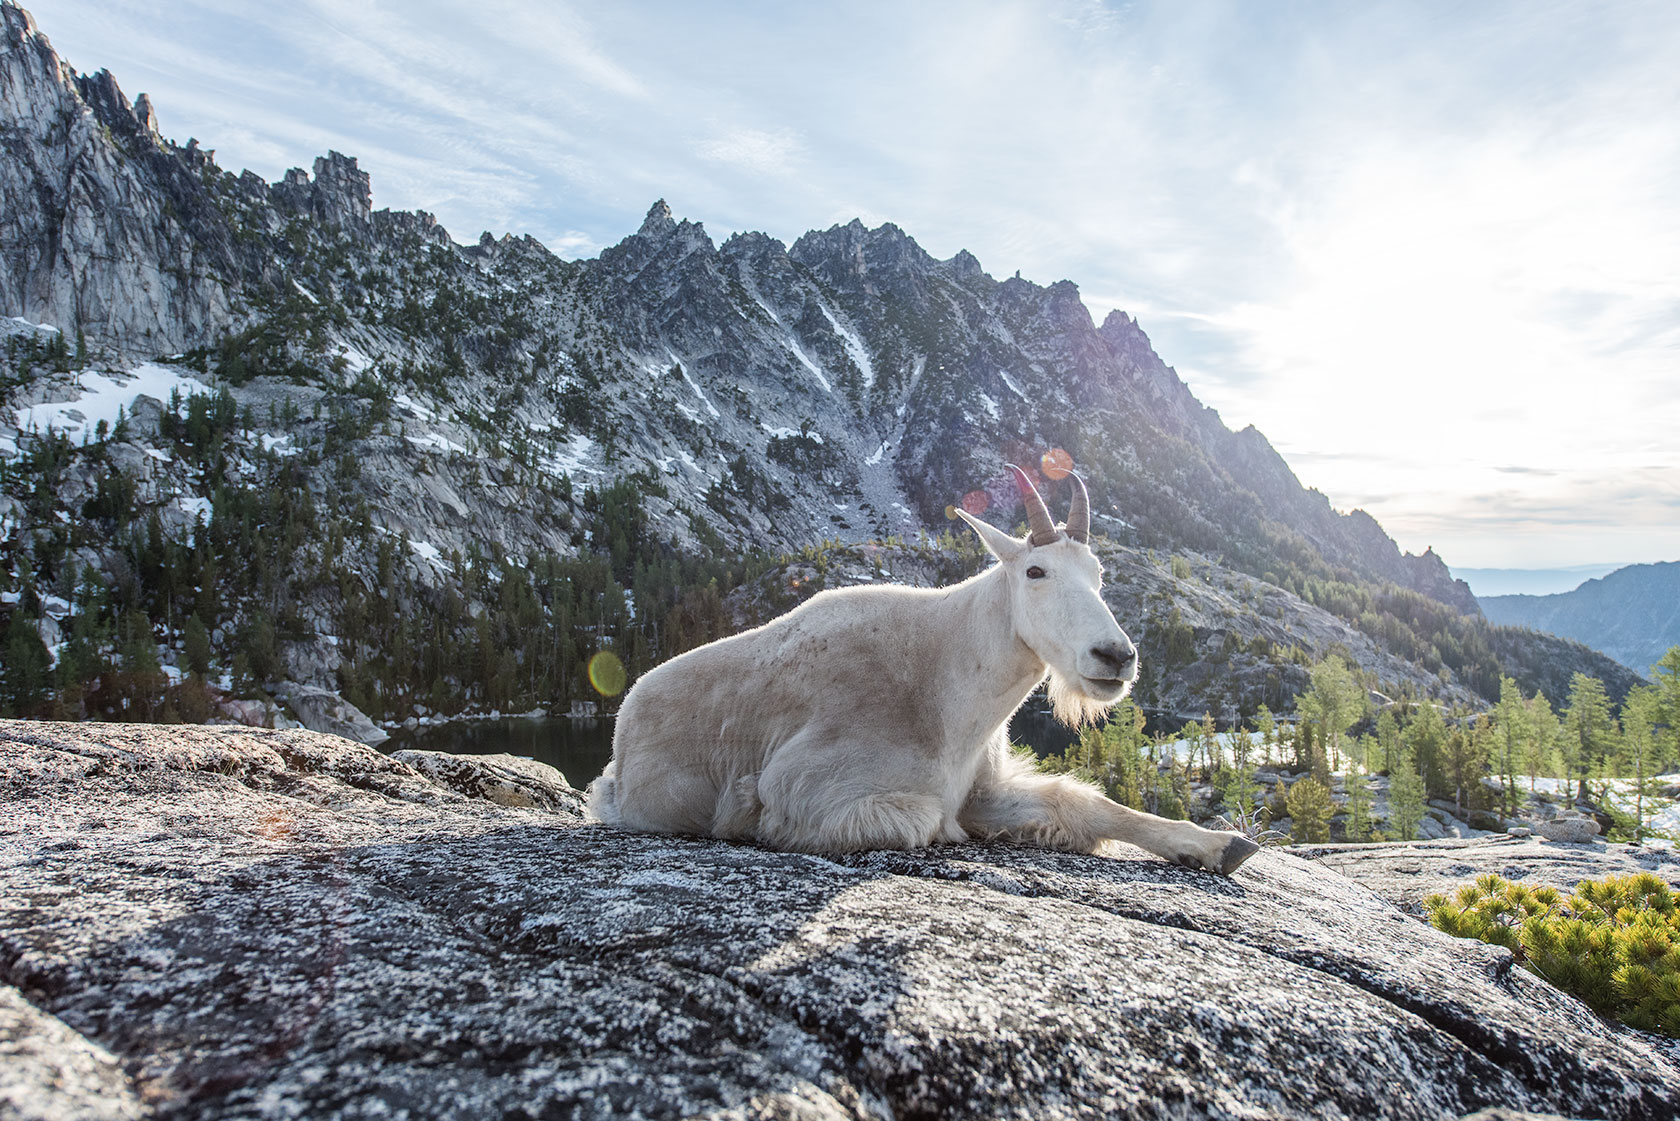 austin-trigg-osprey-hiking-backpacks-washington-lifestyle-morning-adventure-outdoor-active-hike-camp-sunrise-enchantments-mountain-goat.jpg